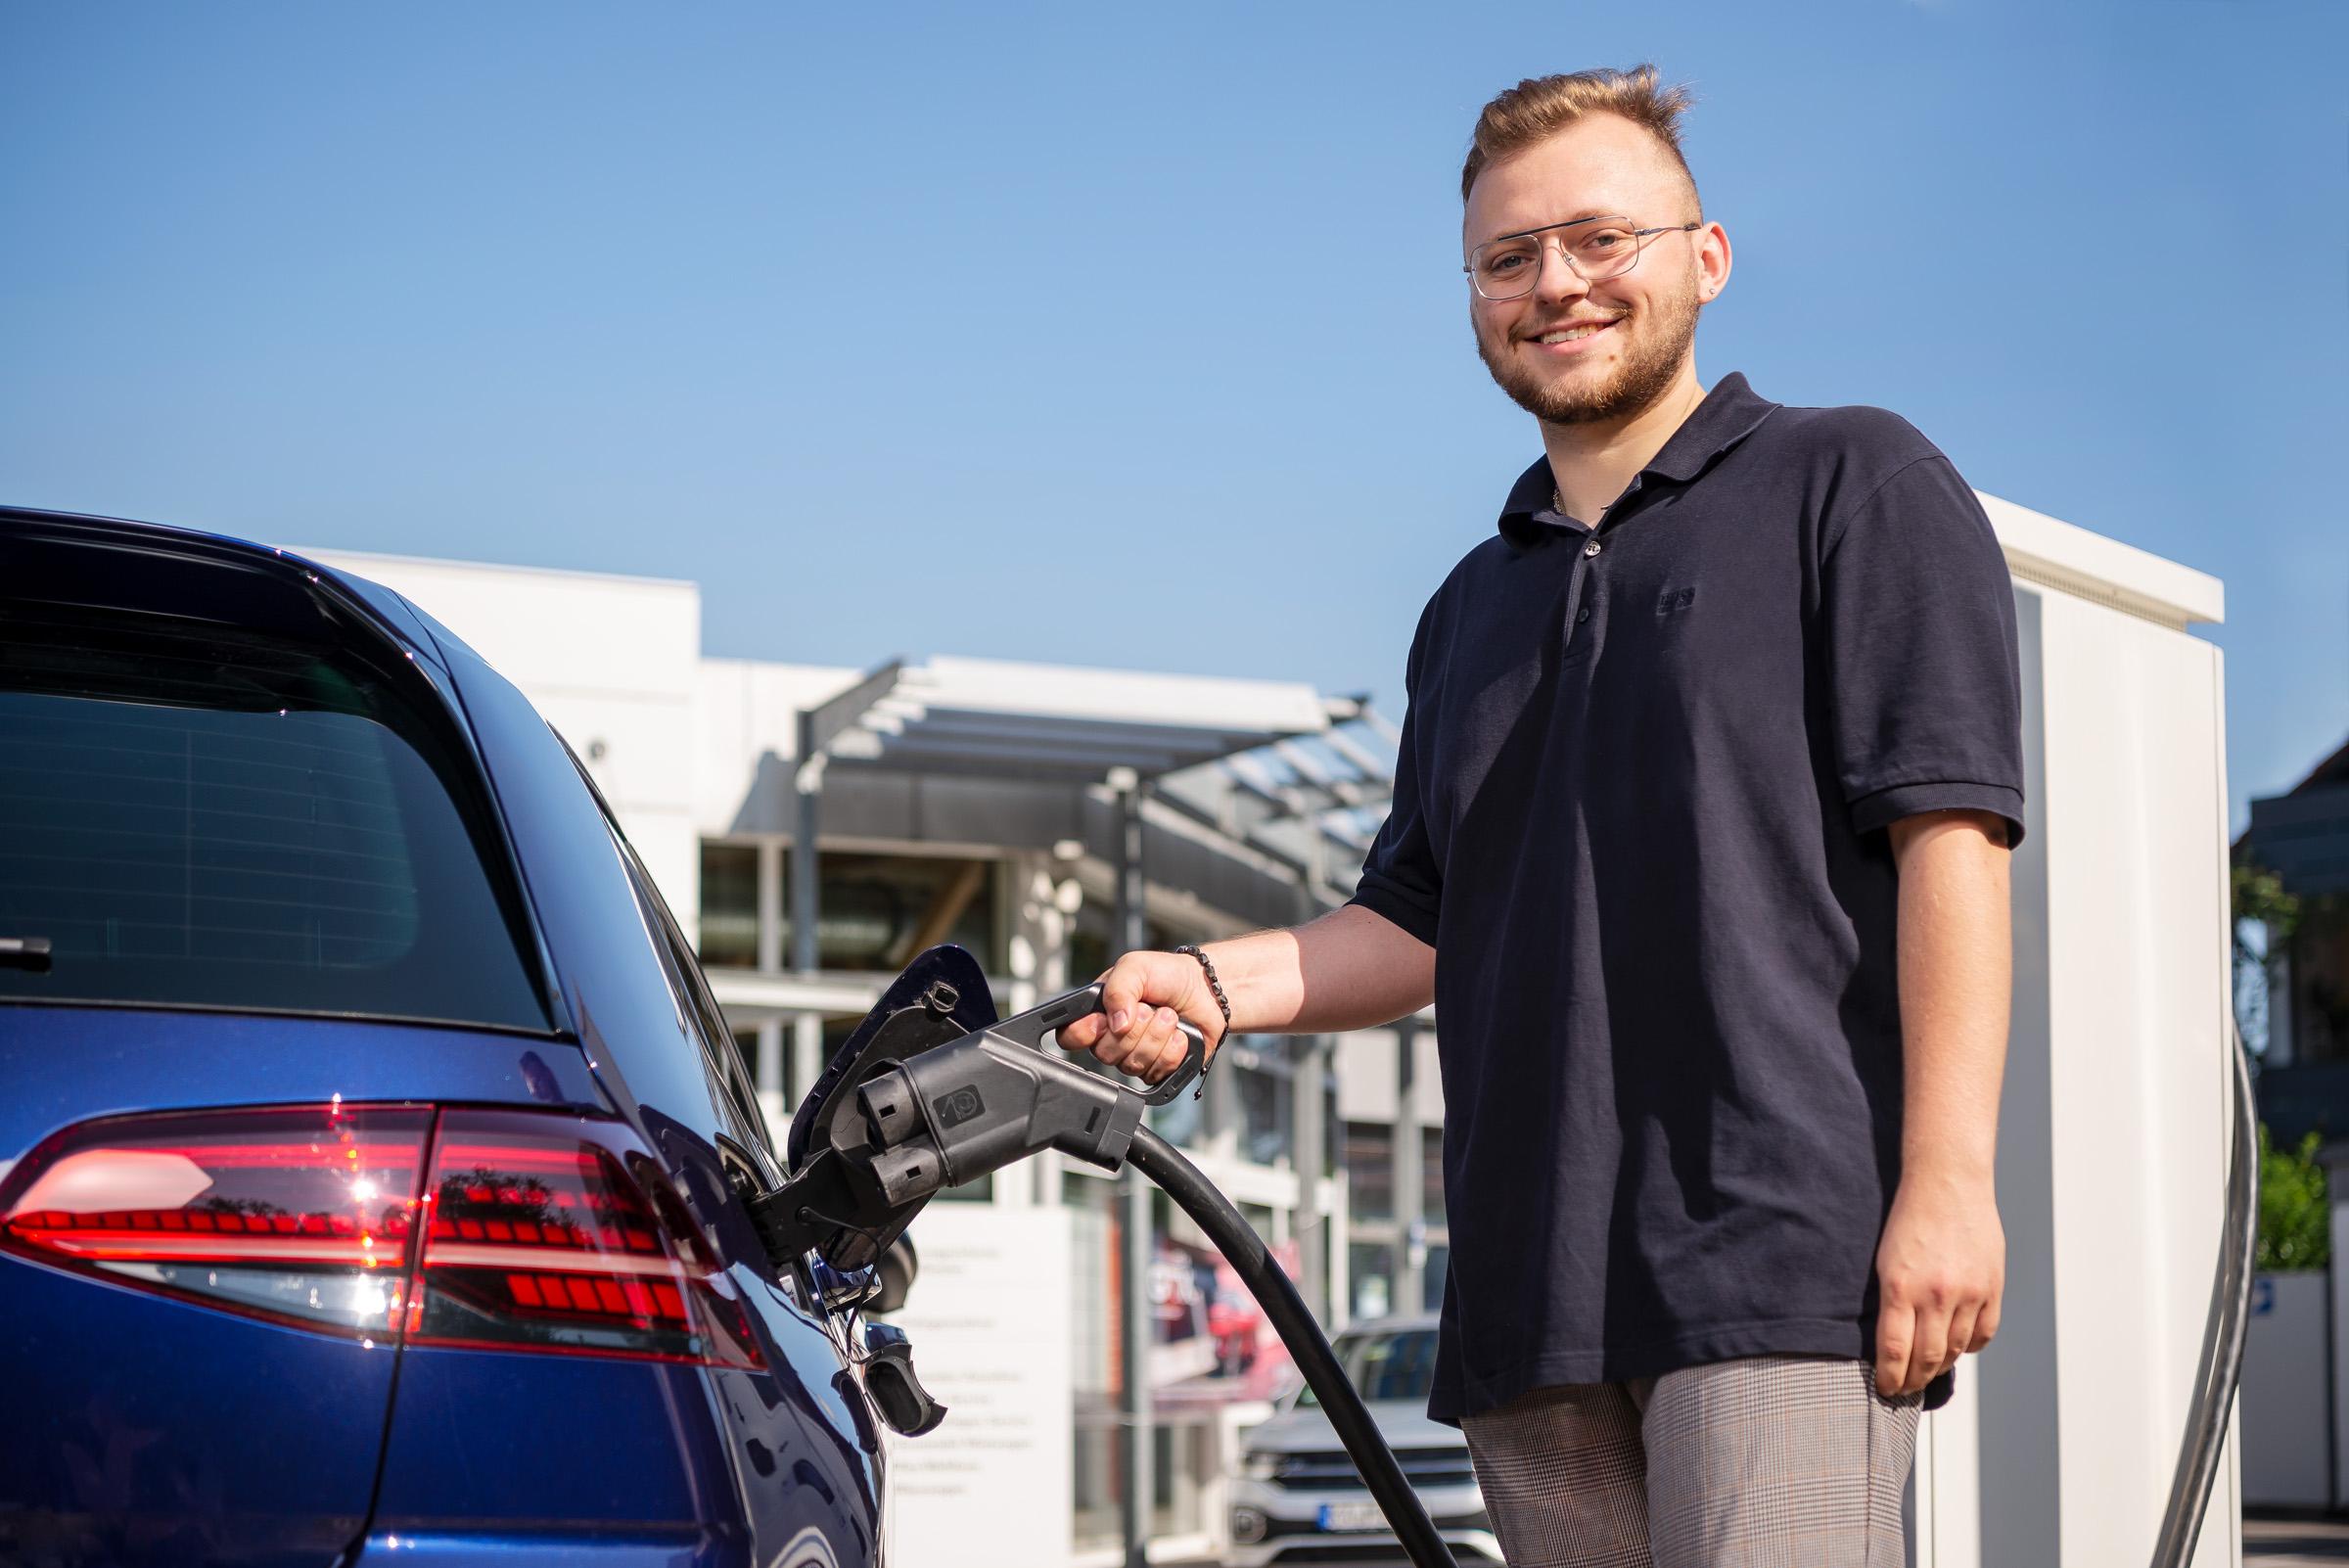 autohaus-morrkopf-weingarten-gebrauchtwagen-leasing-Service-Mitarbeiter-KFZ-Neukauf